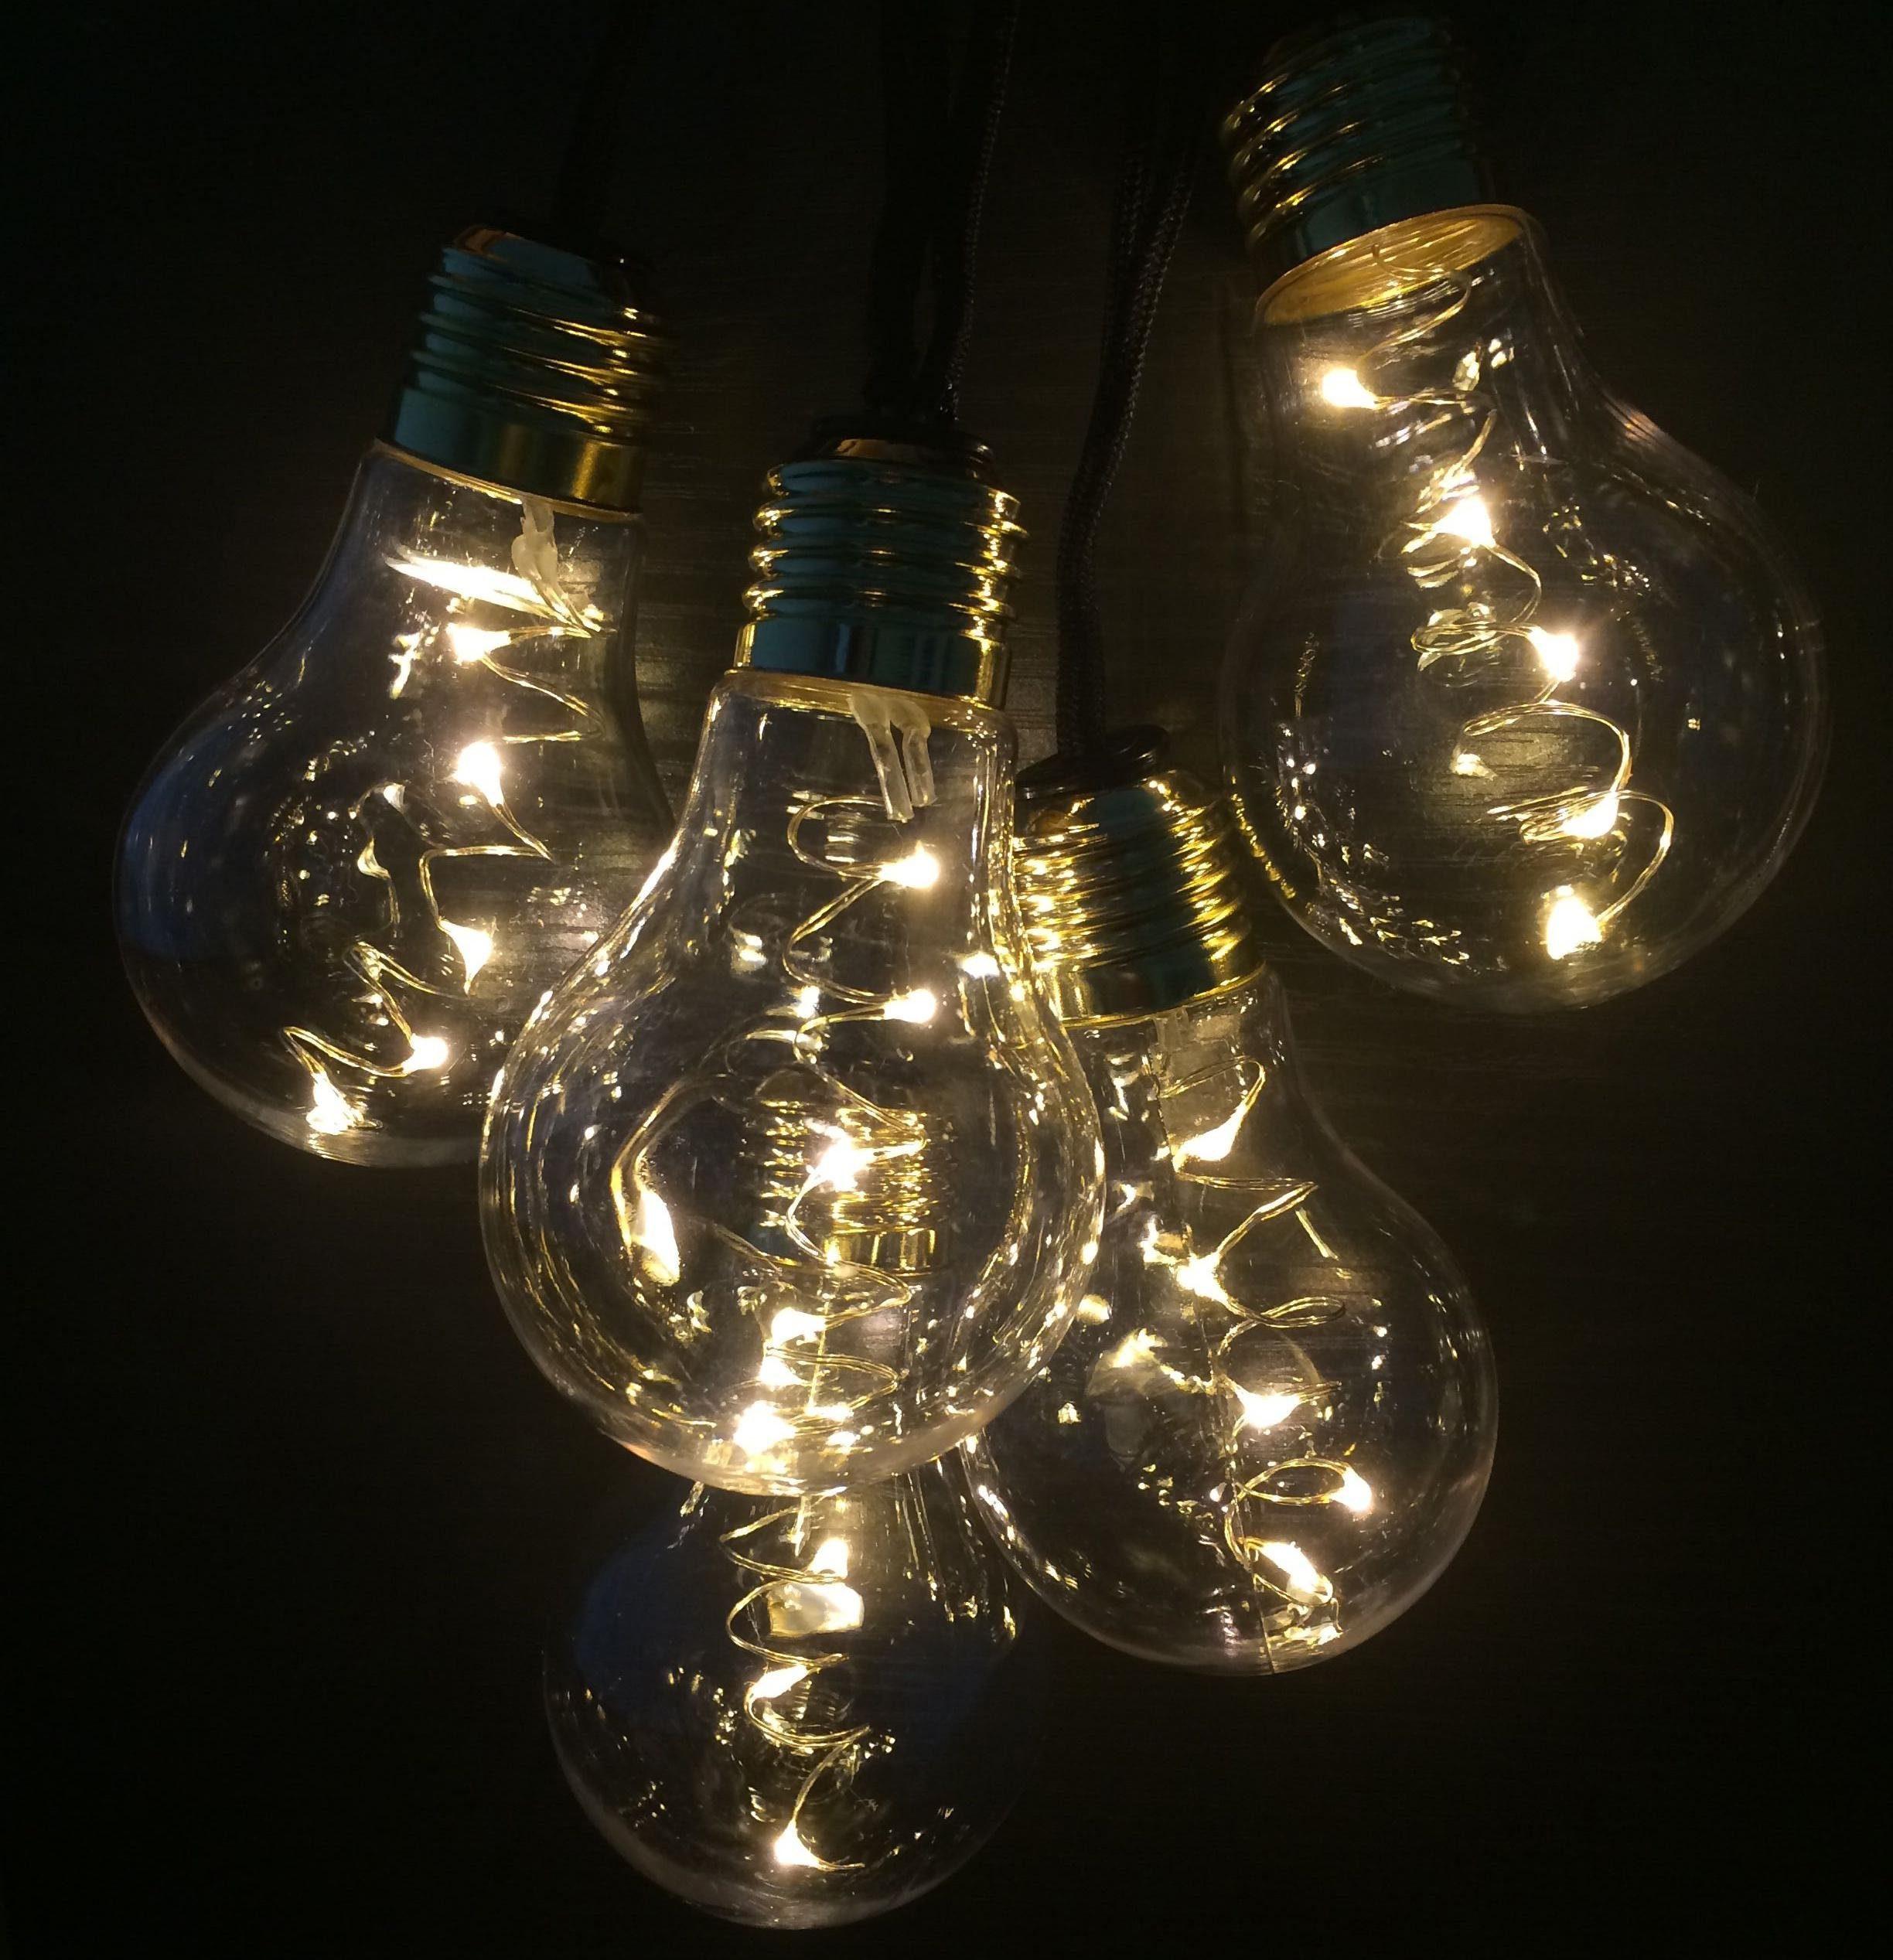 LED-Lichterkette, In- und Outdoor geeignet